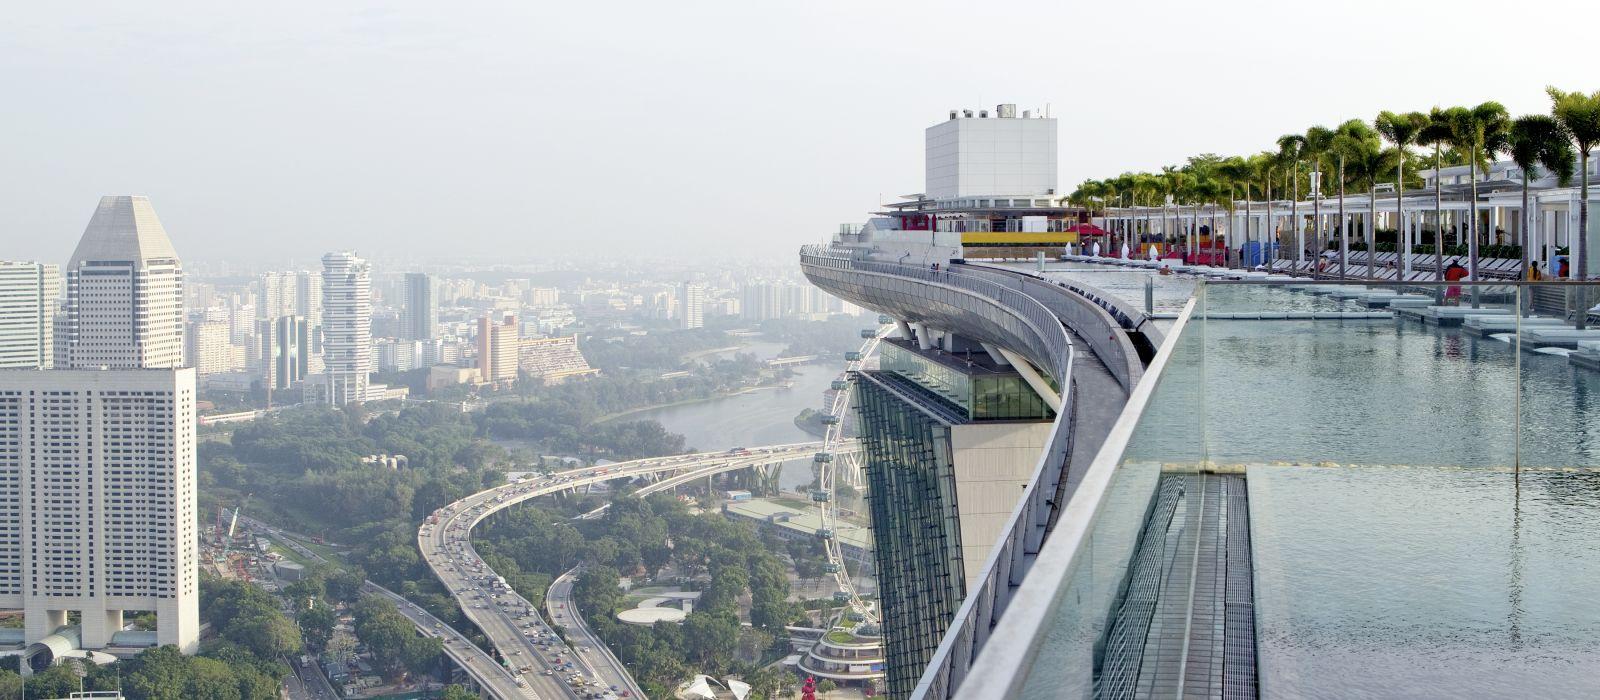 Blick vom Dachpool des neuen Marina Bay Sands Hotels am frühen Morgen, Singapur